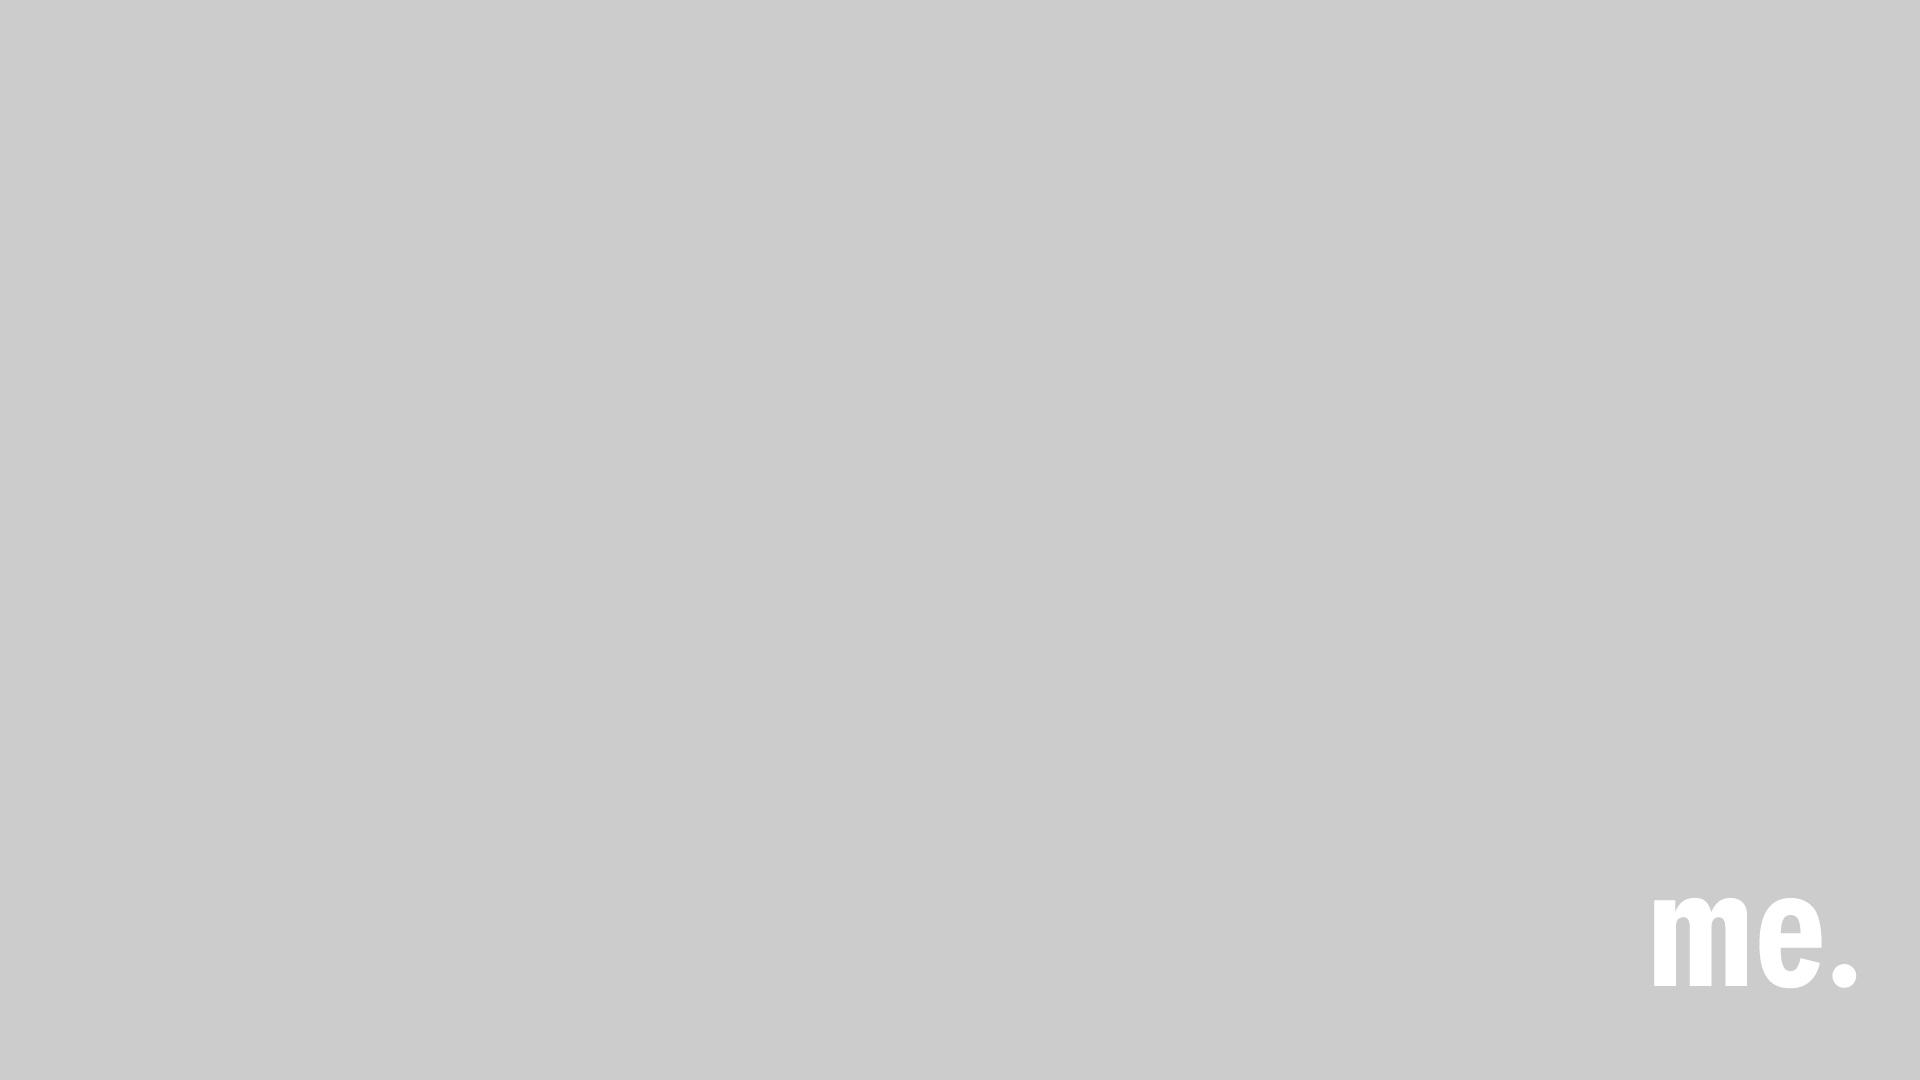 Laura Marling veröffentlicht am 23. März 2015 ihr neues Album...